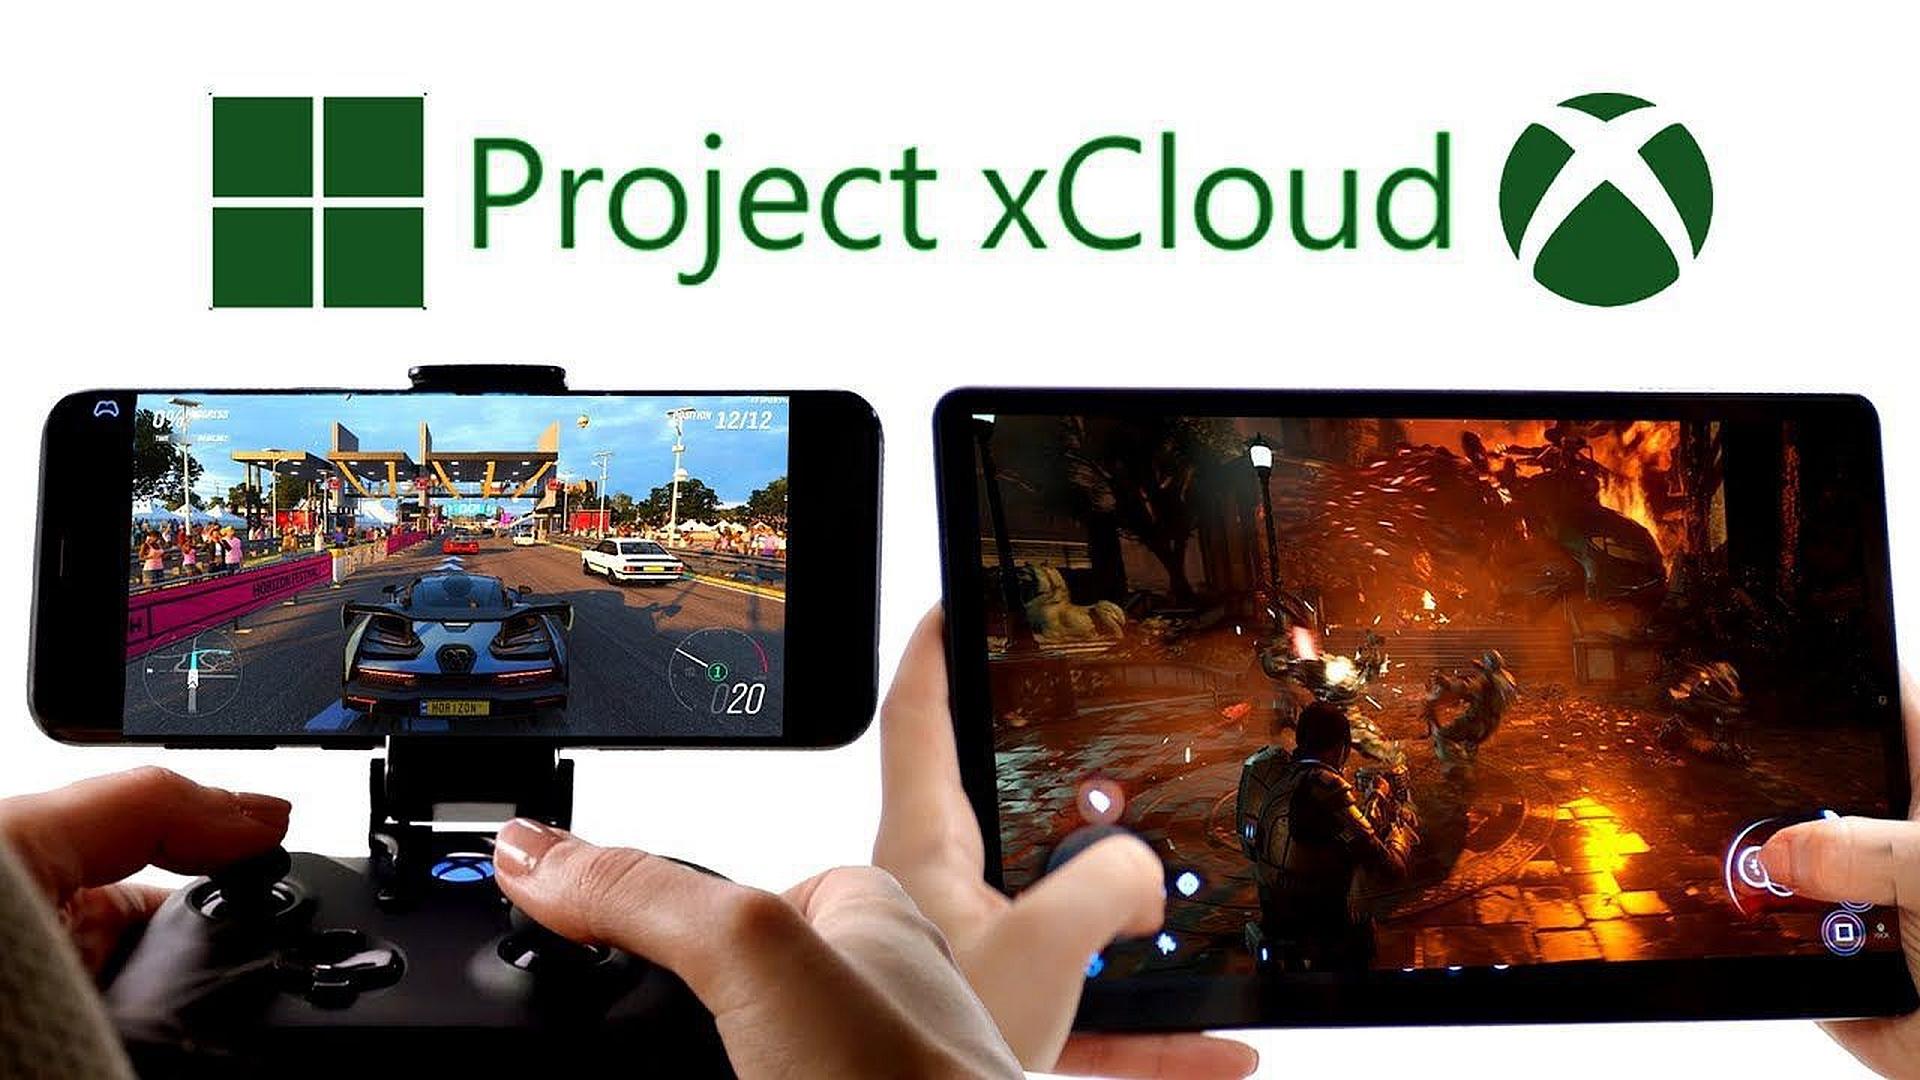 مايكروسوفت ستقوم بتجربة خدمة xClould في كوريا الجنوبية الشهر المقبل